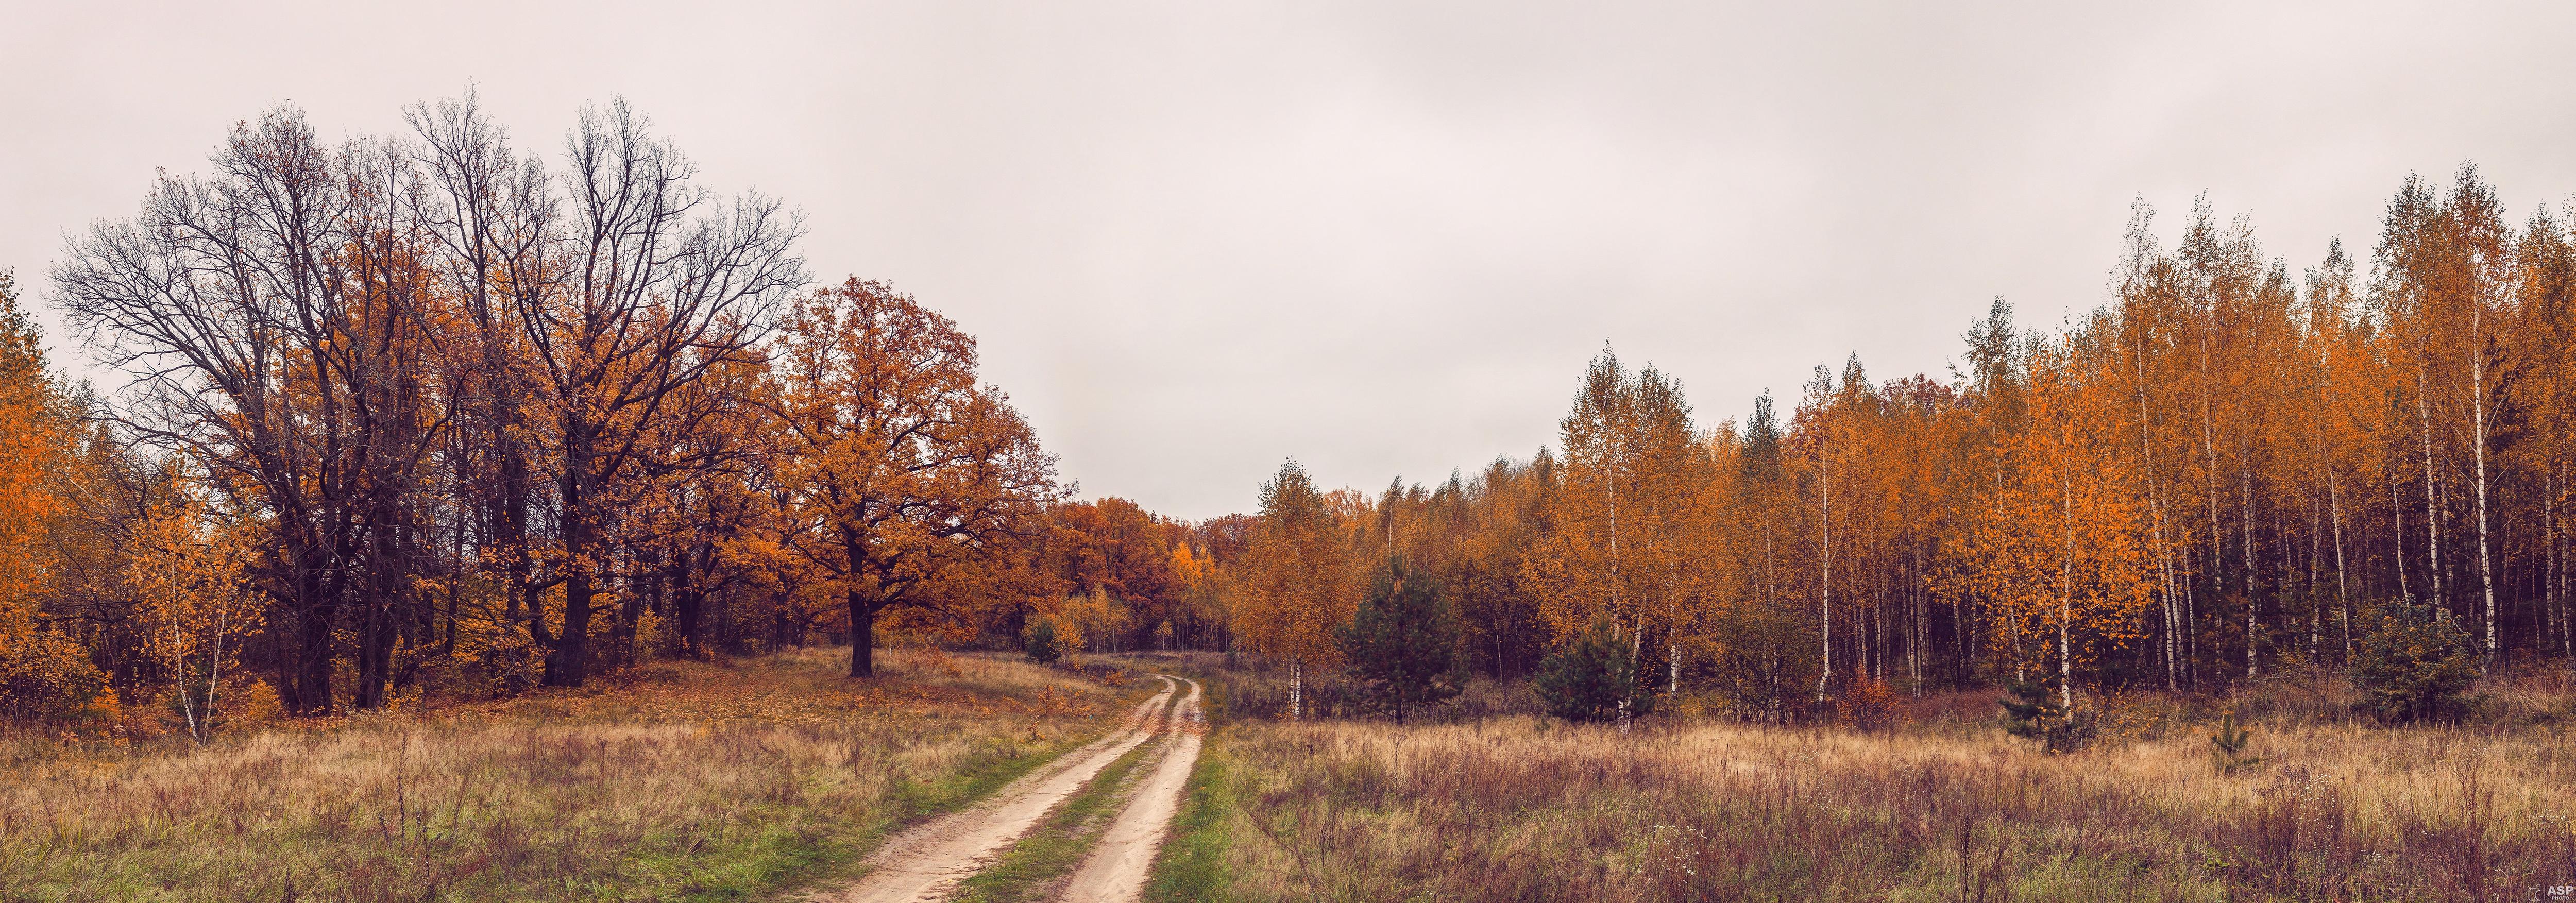 Поле осенью  № 2869701  скачать